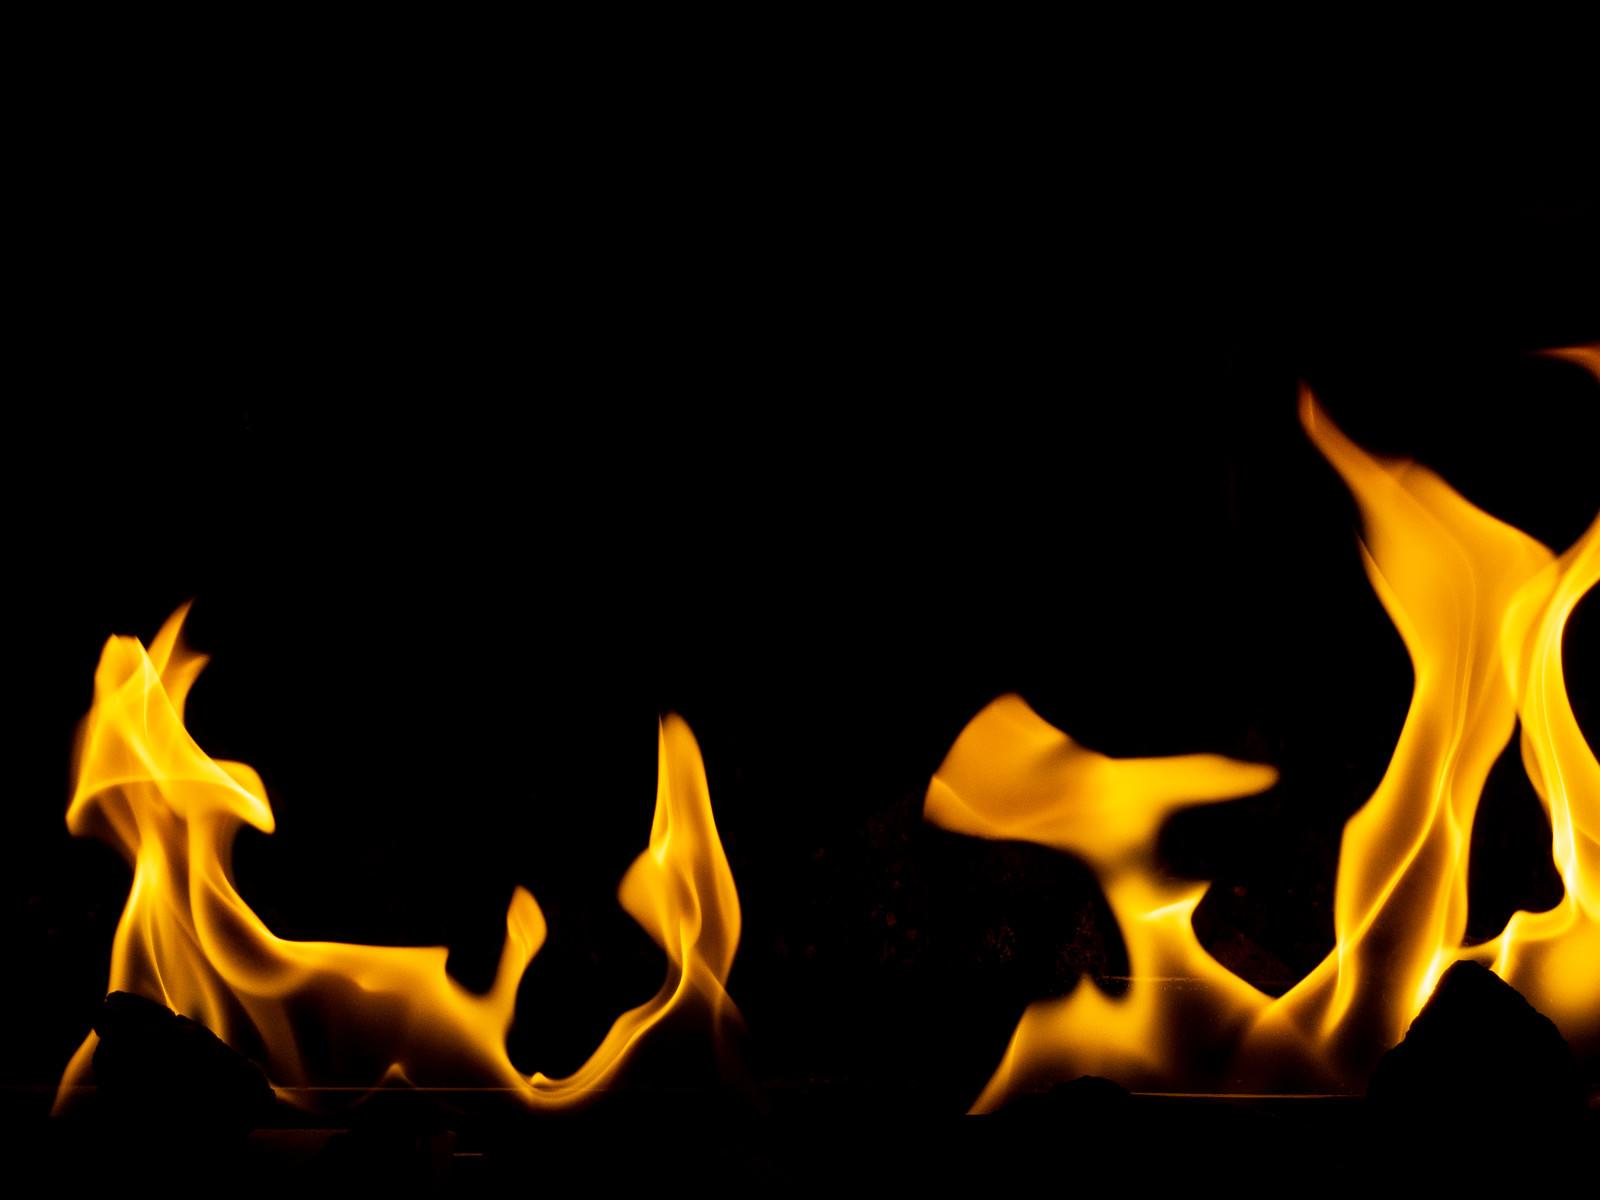 「火が燃えさかる」の写真